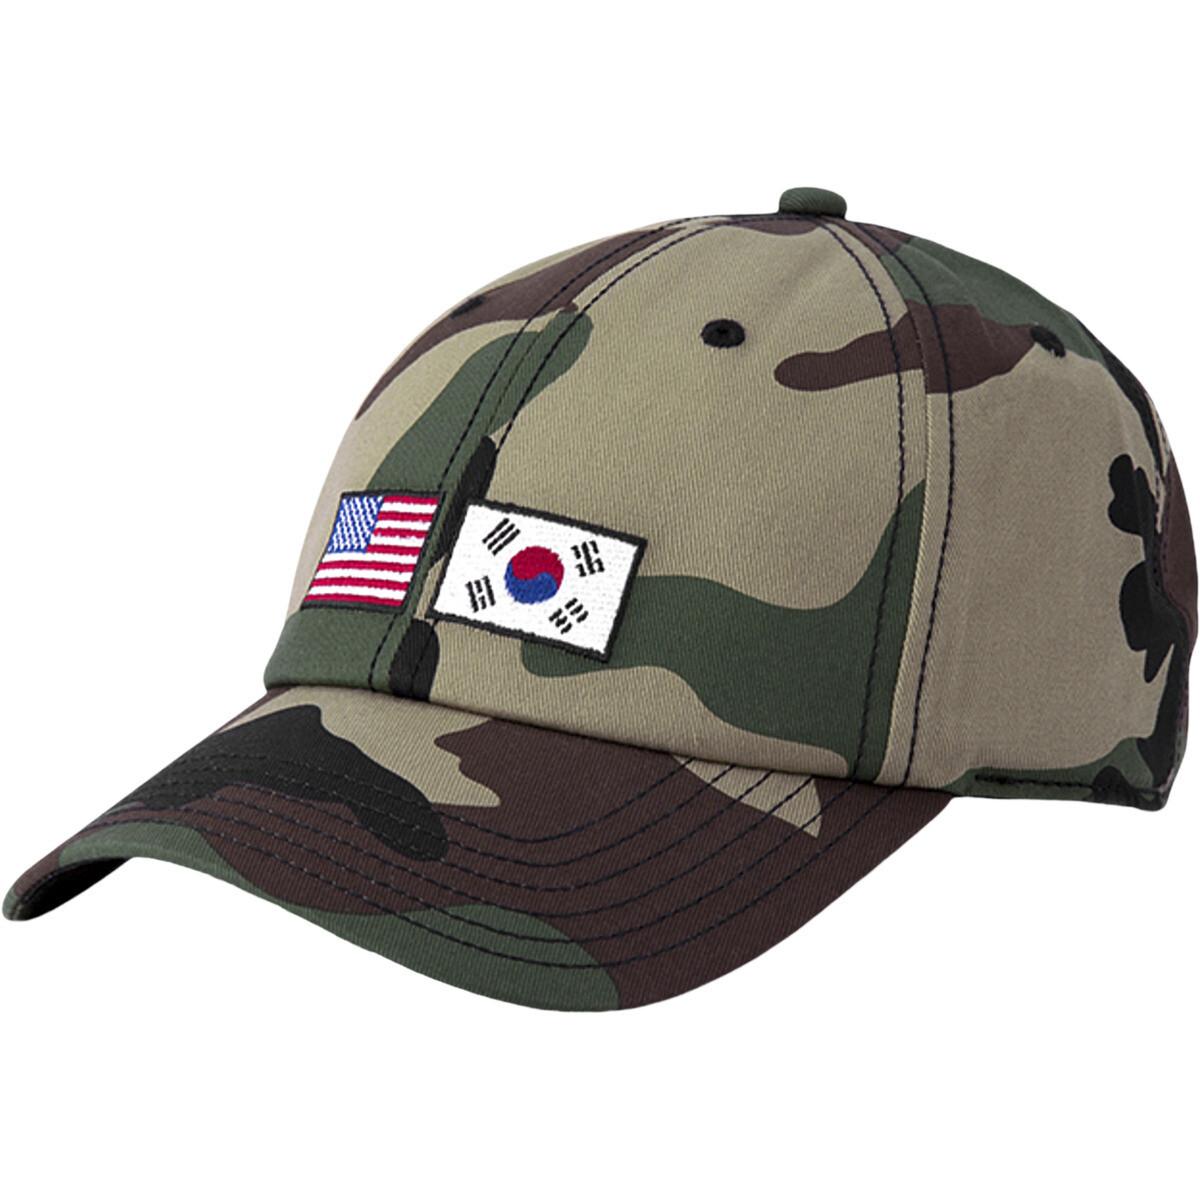 CSBL 9664 Curved Cap